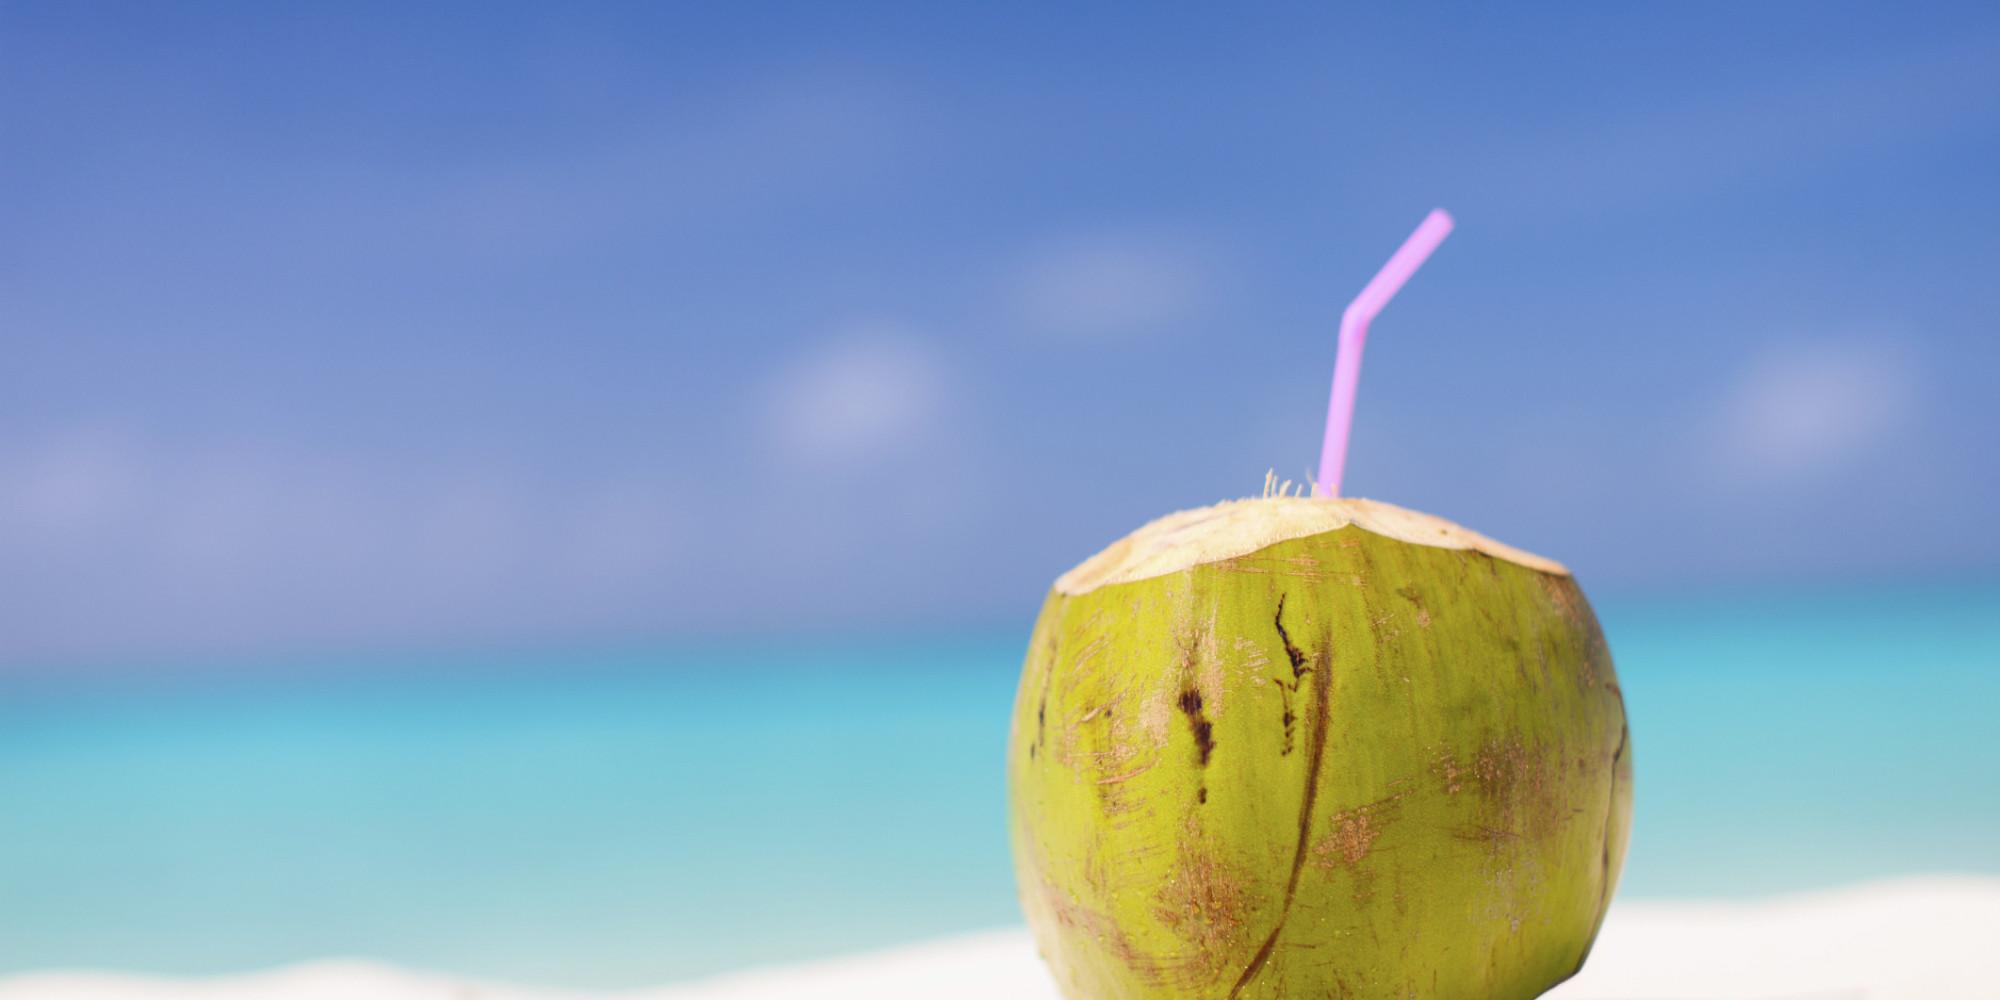 https: img.okezone.com content 2021 01 28 481 2352271 cek-fakta-kombinasi-air-kelapa-jeruk-nipis-dan-madu-bisa-hilangkan-covid-19-gikAs1sbbe.jpg